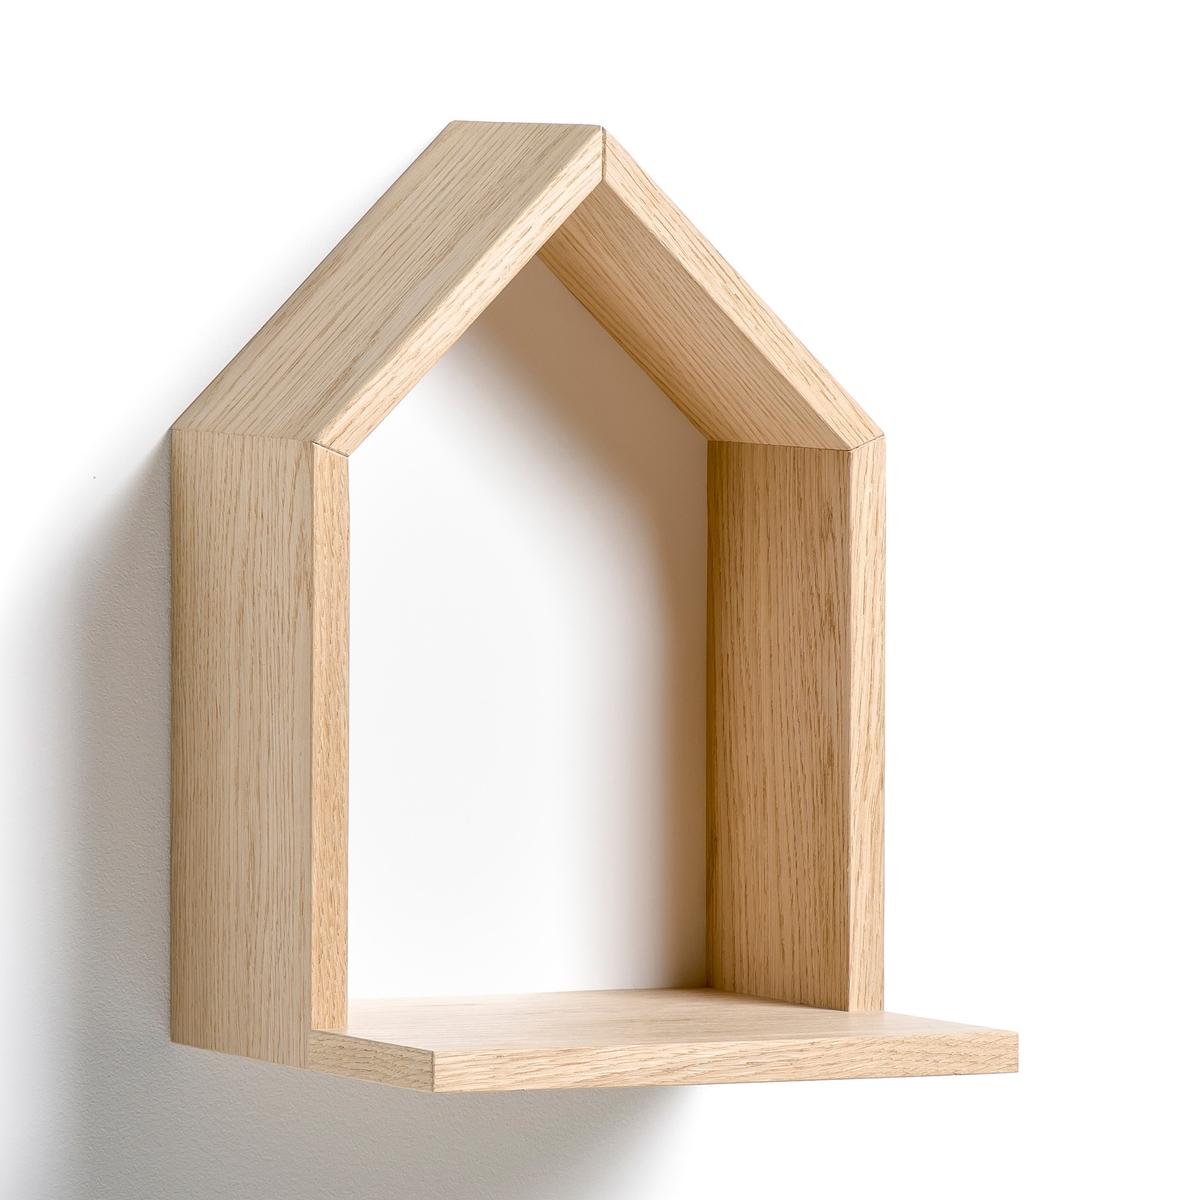 Полка Bosaka, маленькая модель, В.30 смПолка в форме домика, навесная . Характеристики :- Из МДФ, покрытого дубовым шпоном, боковые стороны из ДСП, покрытой дубовым шпоном, дно из окрашенного МДФ. - 2 пластины для крепления на стену (саморезы и дюбели продаются отдельно). Размеры  :-  Ш.20 x В.30 см x Г.22 см.<br><br>Цвет: белый,желтый